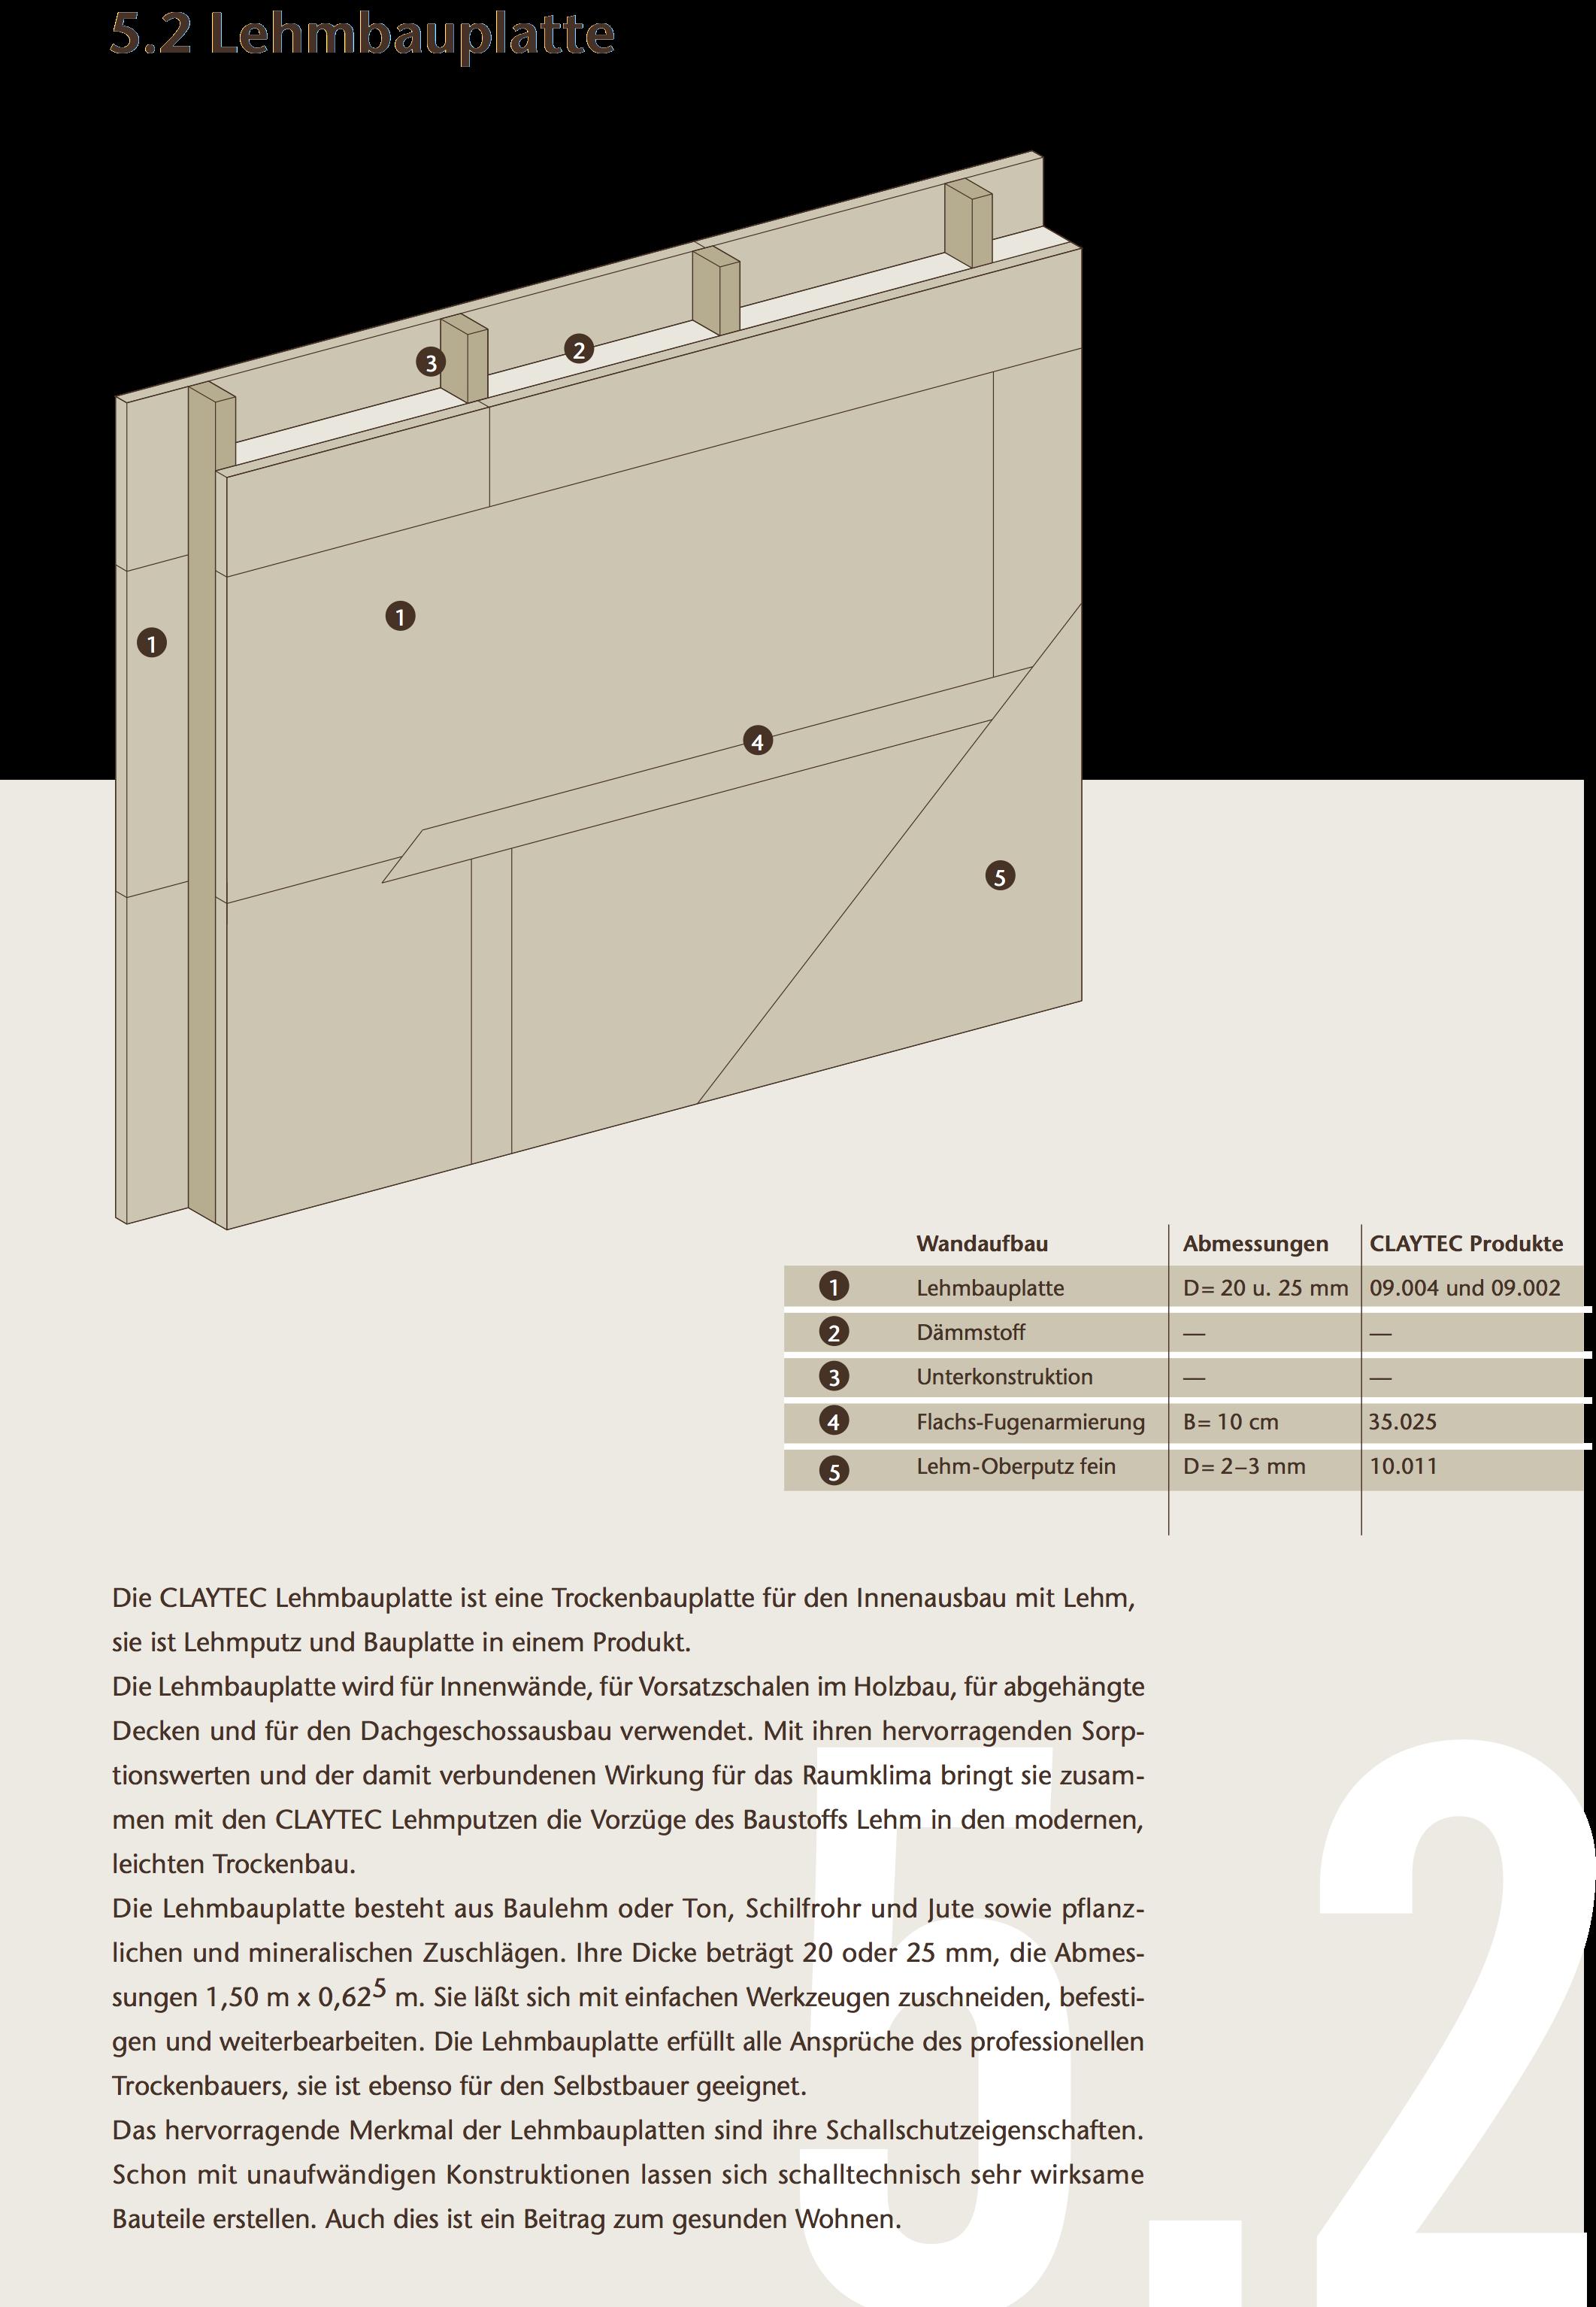 lehmputz preis pro m2 stunning auro plantodecor with lehmputz preis pro m2 free levita lehm. Black Bedroom Furniture Sets. Home Design Ideas